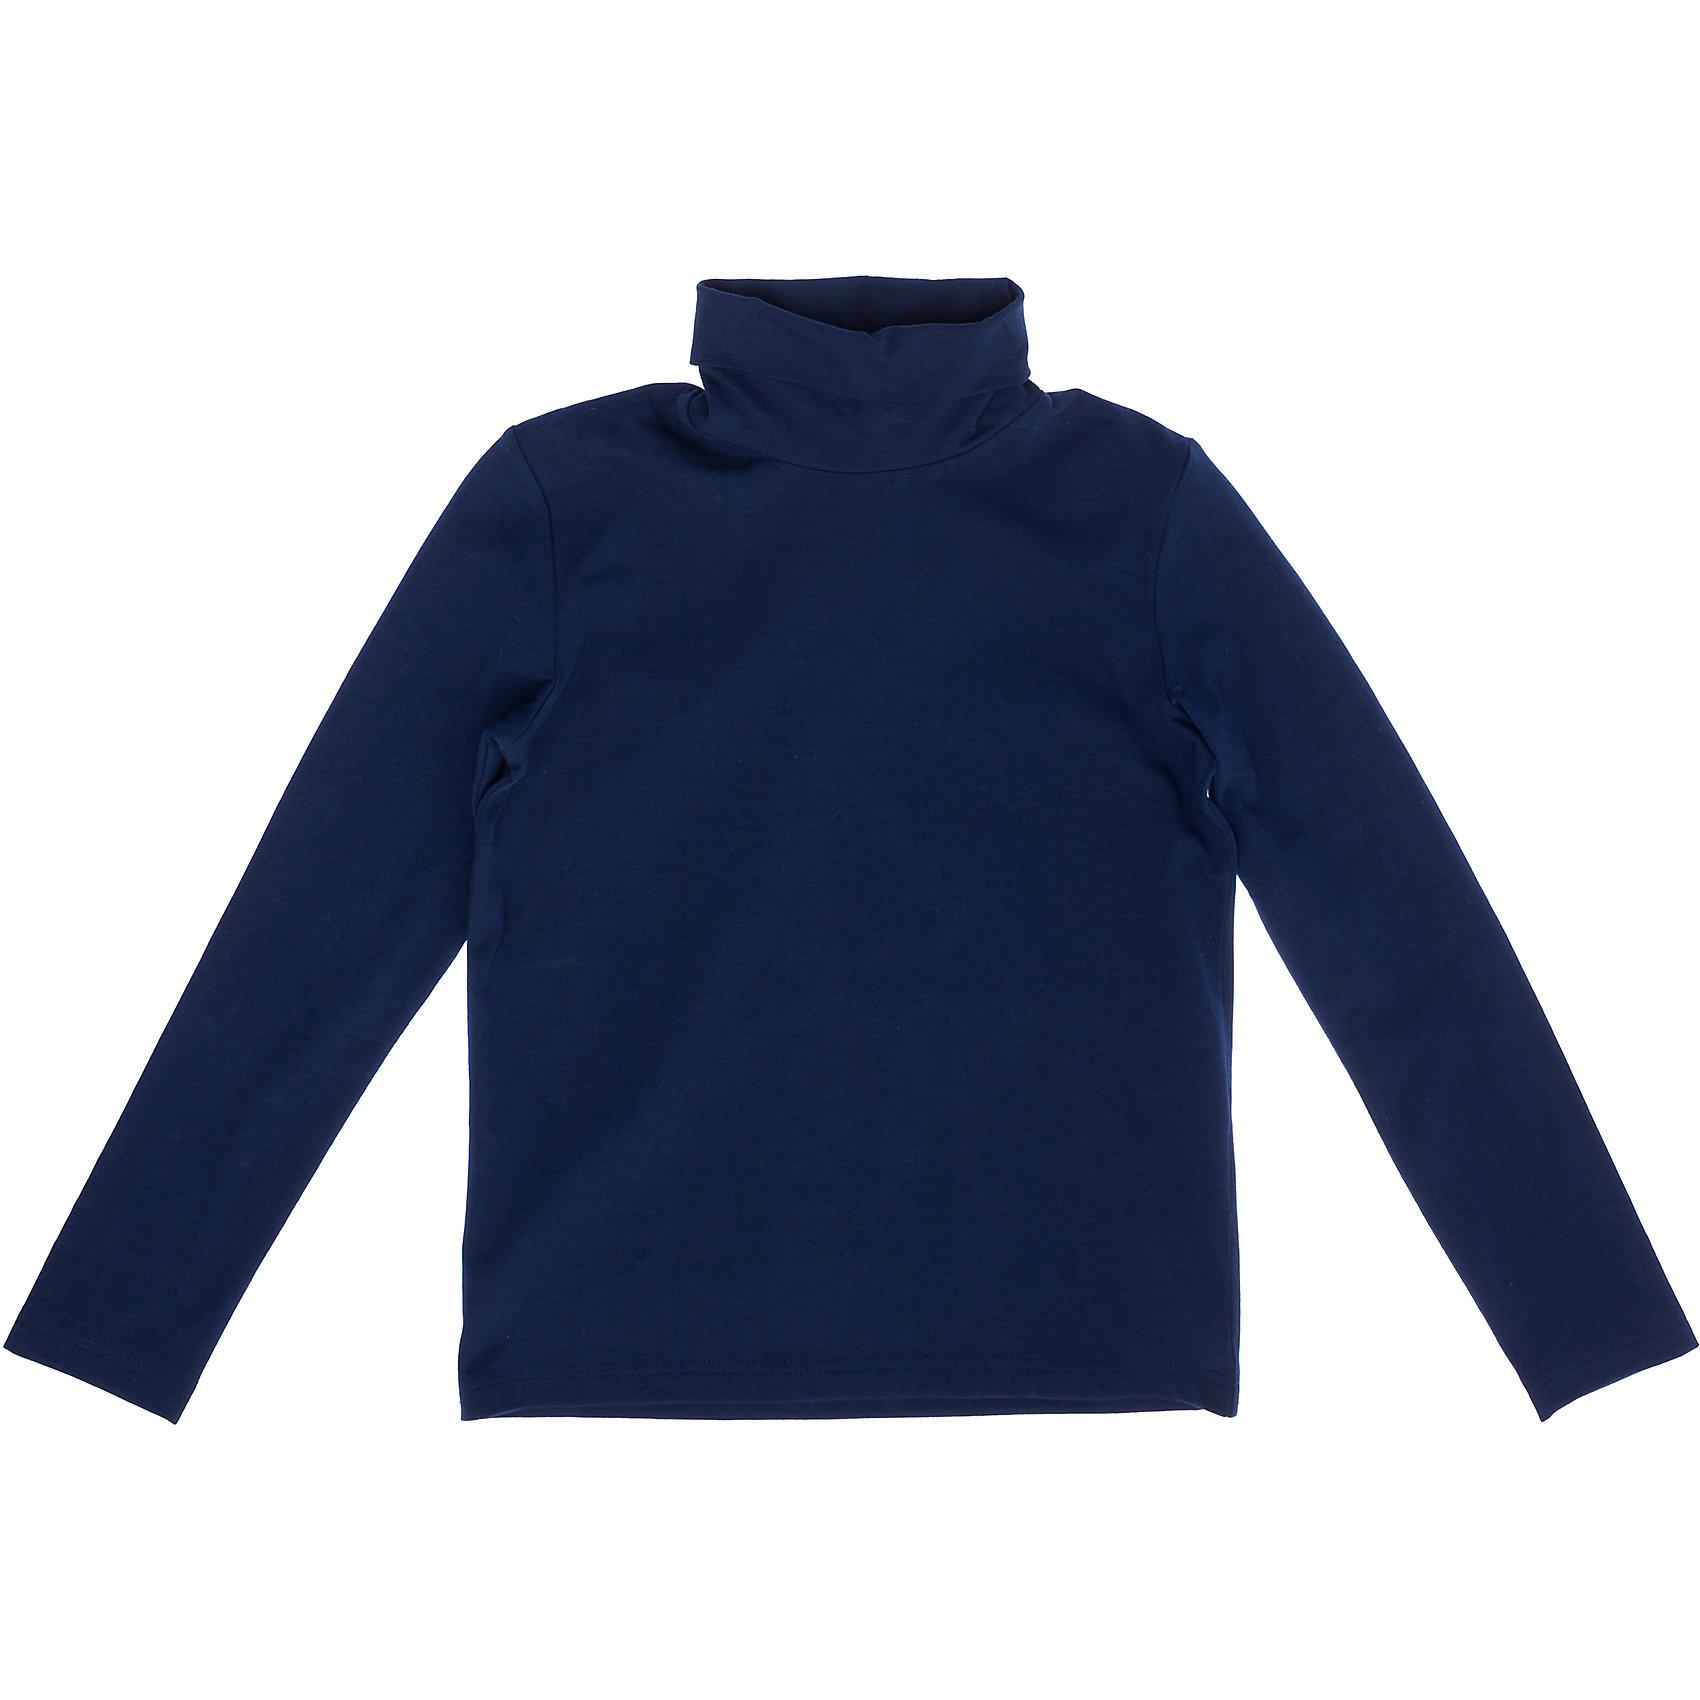 Водолазка для мальчика ScoolВодолазка для мальчика от известного бренда Scool<br>Состав:<br>92% хлопок, 8% эластан<br>Уютная темно-синяя водолазка с высоким воротником. Хорошо смотрится с любыми брюками и джинсами.<br><br>Ширина мм: 230<br>Глубина мм: 40<br>Высота мм: 220<br>Вес г: 250<br>Цвет: полуночно-синий<br>Возраст от месяцев: 84<br>Возраст до месяцев: 96<br>Пол: Мужской<br>Возраст: Детский<br>Размер: 128,122,146,164,158,152,140,134<br>SKU: 4686775